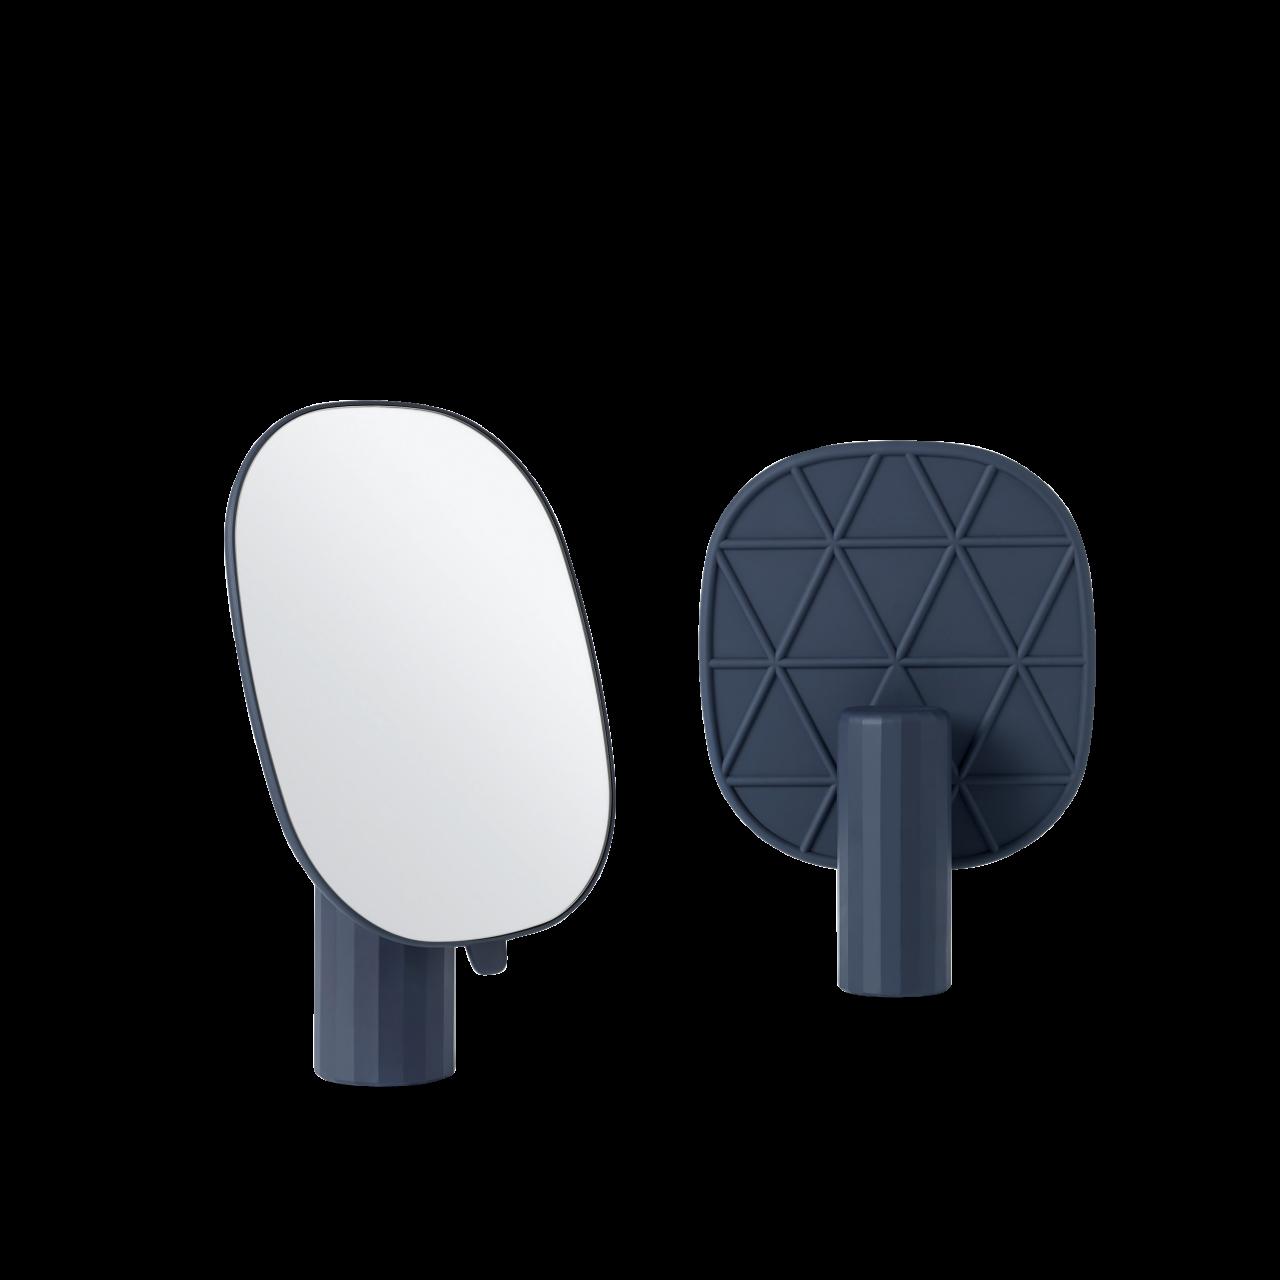 Tischspiegel Mimic Mirror